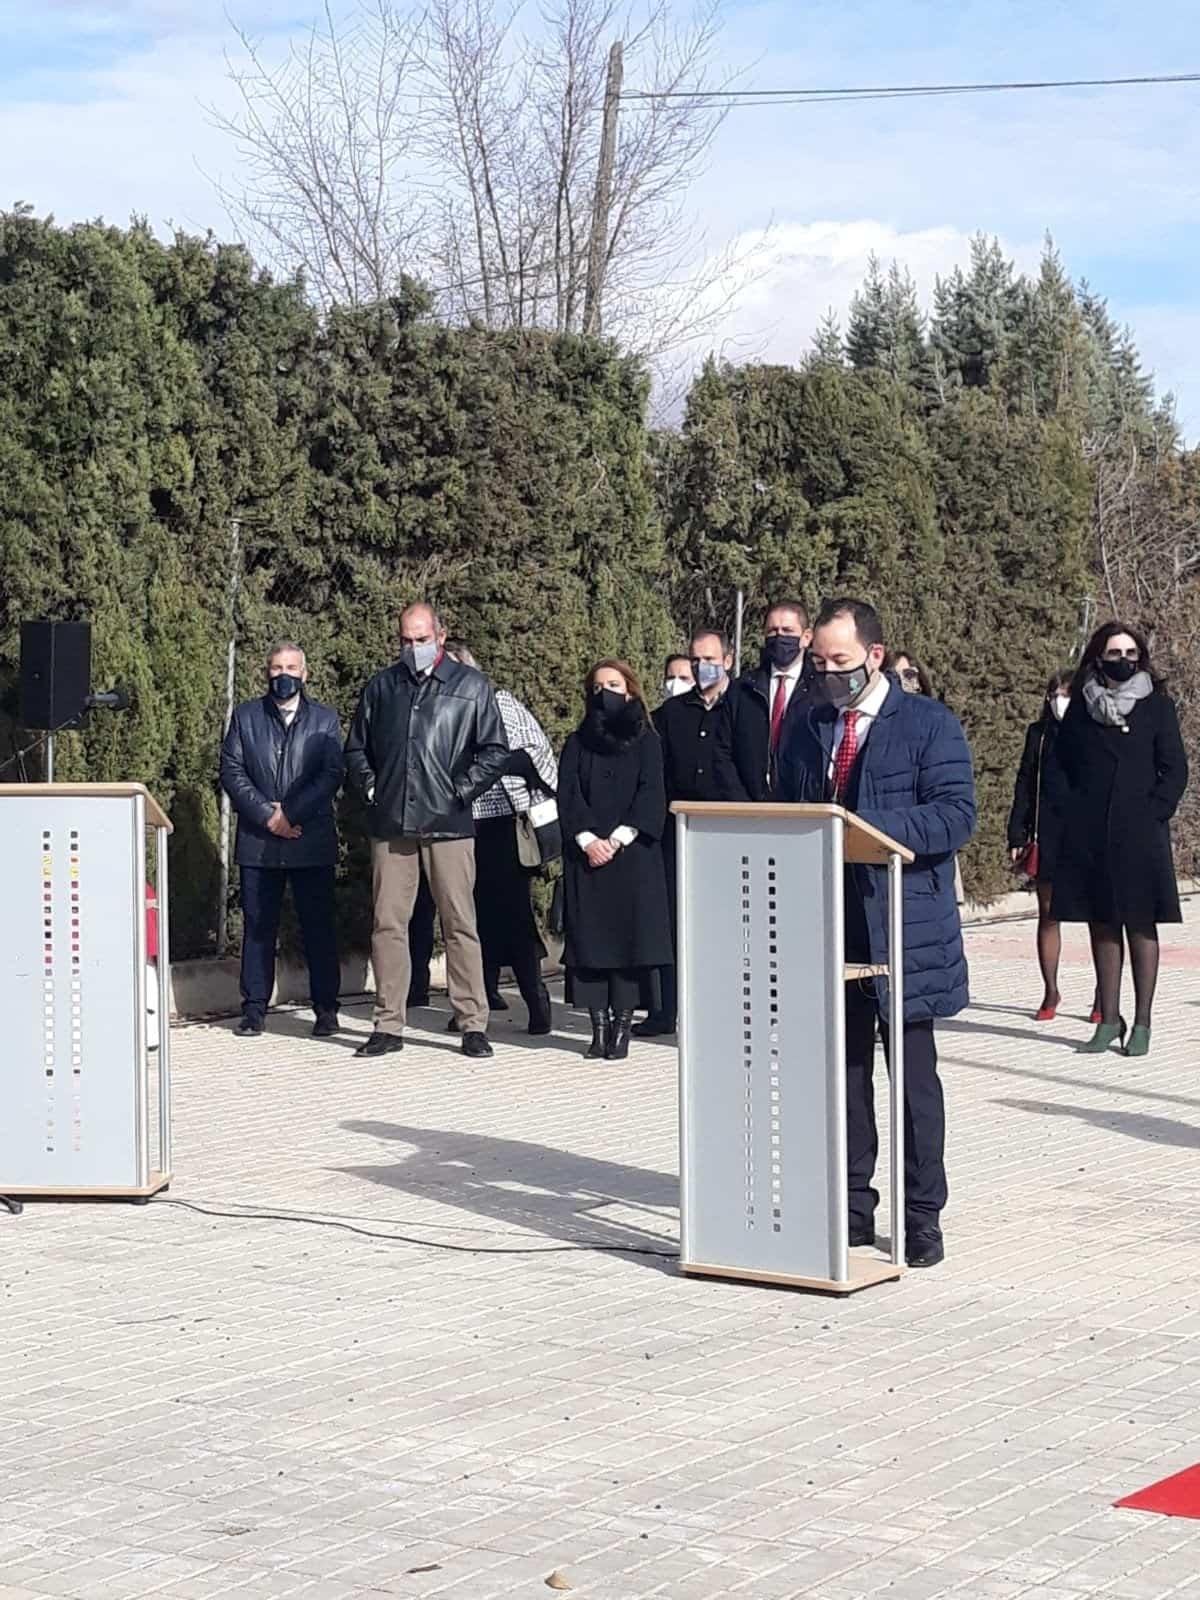 Herencia celebra el 42º Aniversario de la Constitución Española 30